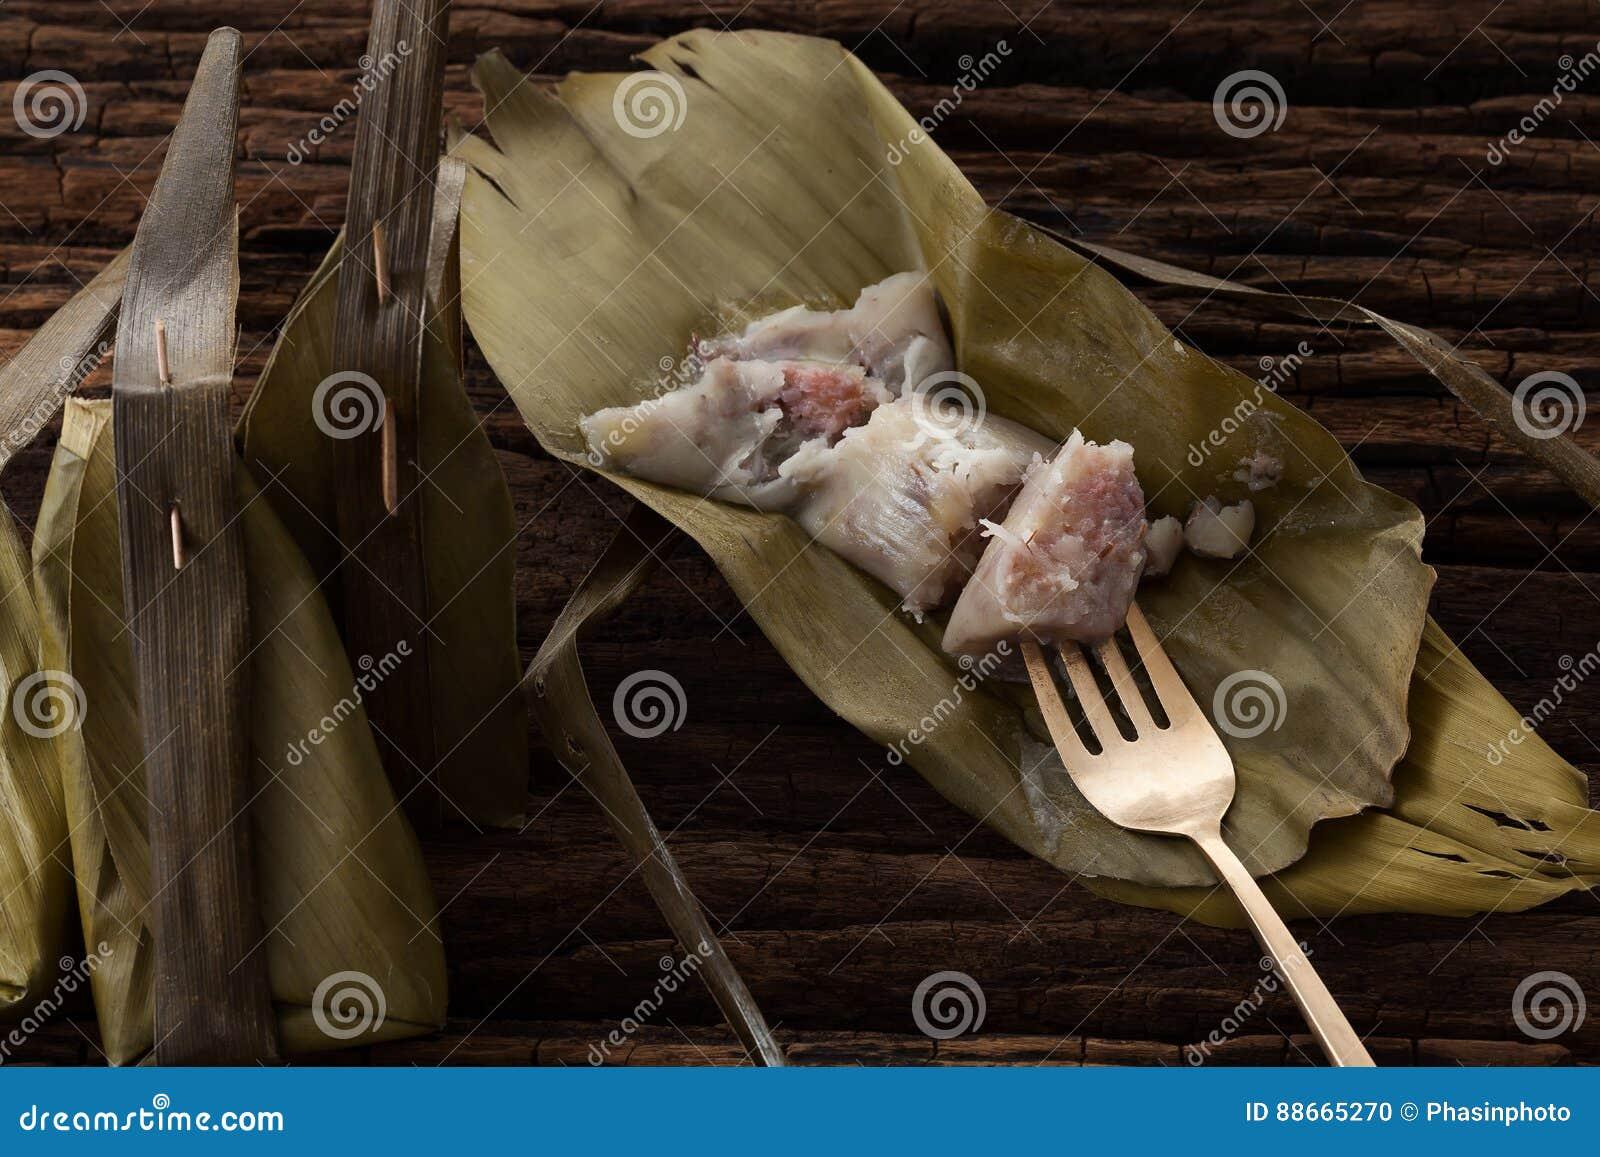 Thailändisches Nachtischbananenblatt geschmackvoll auf hölzernem Hintergrund